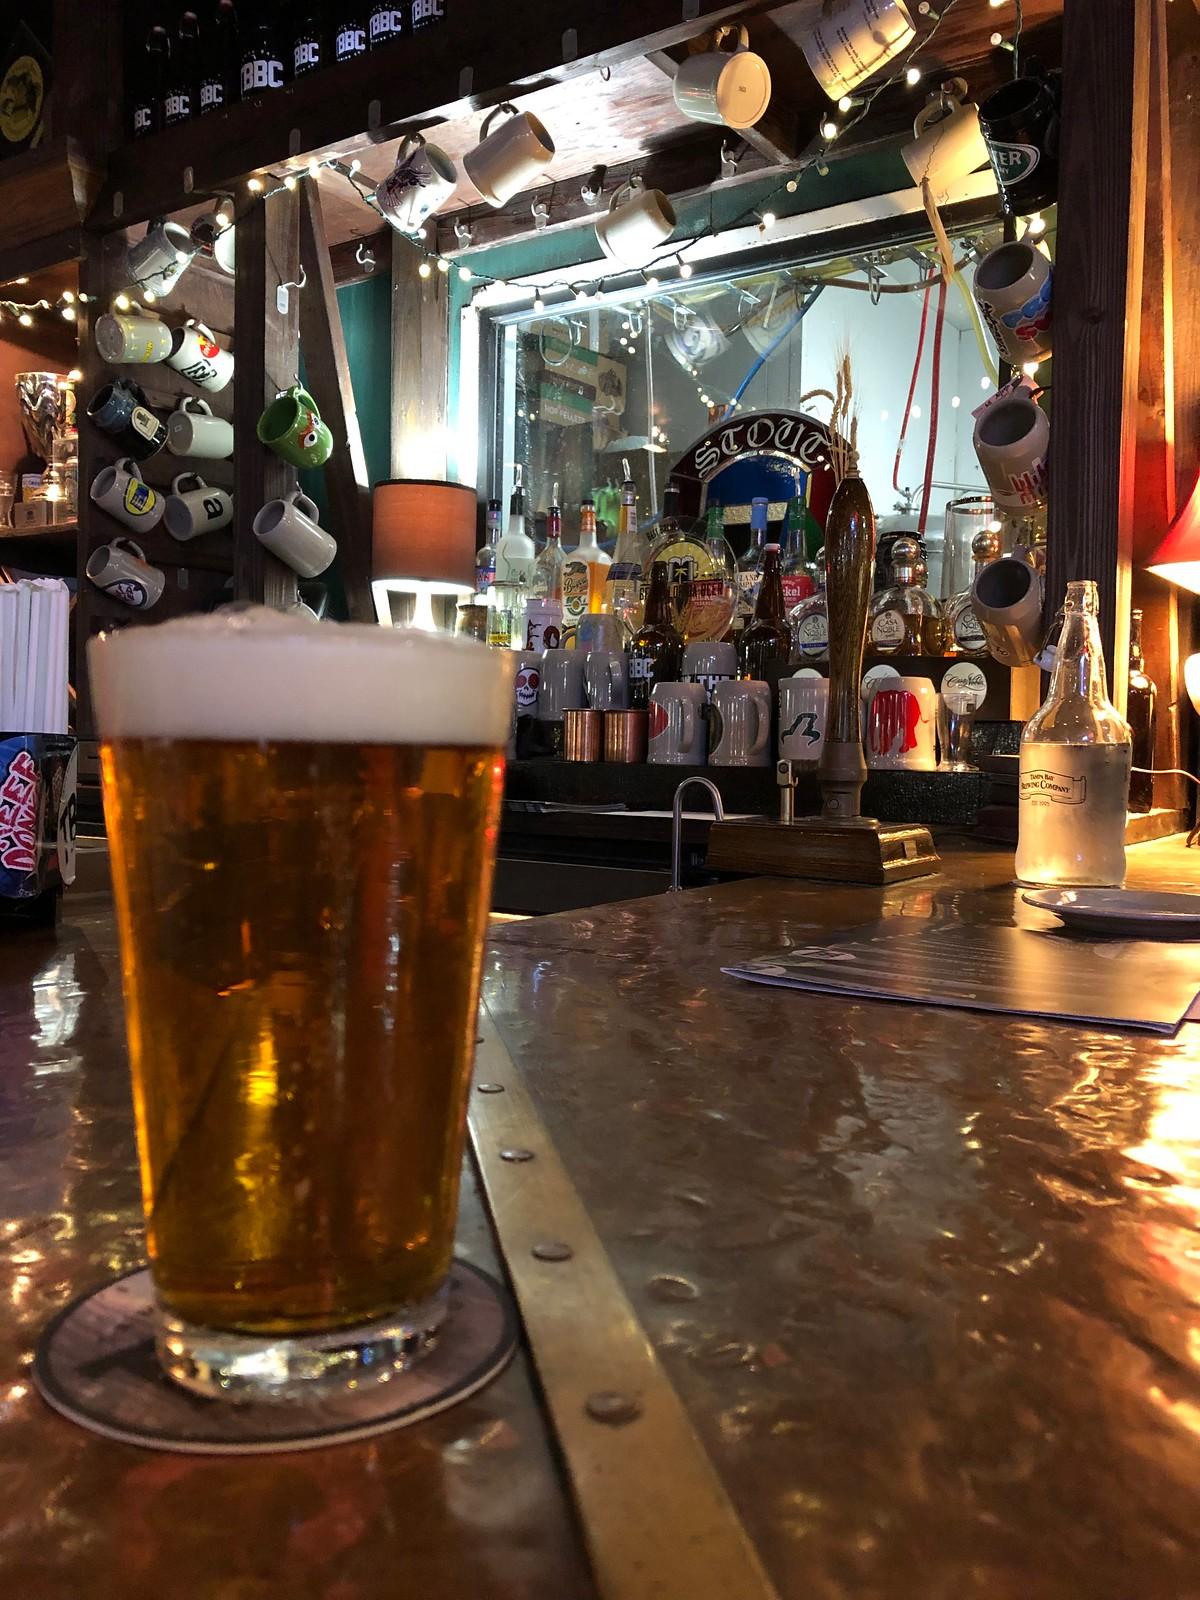 Tampa Bay Brewing Company,  Ybor City, Tampa, Florida